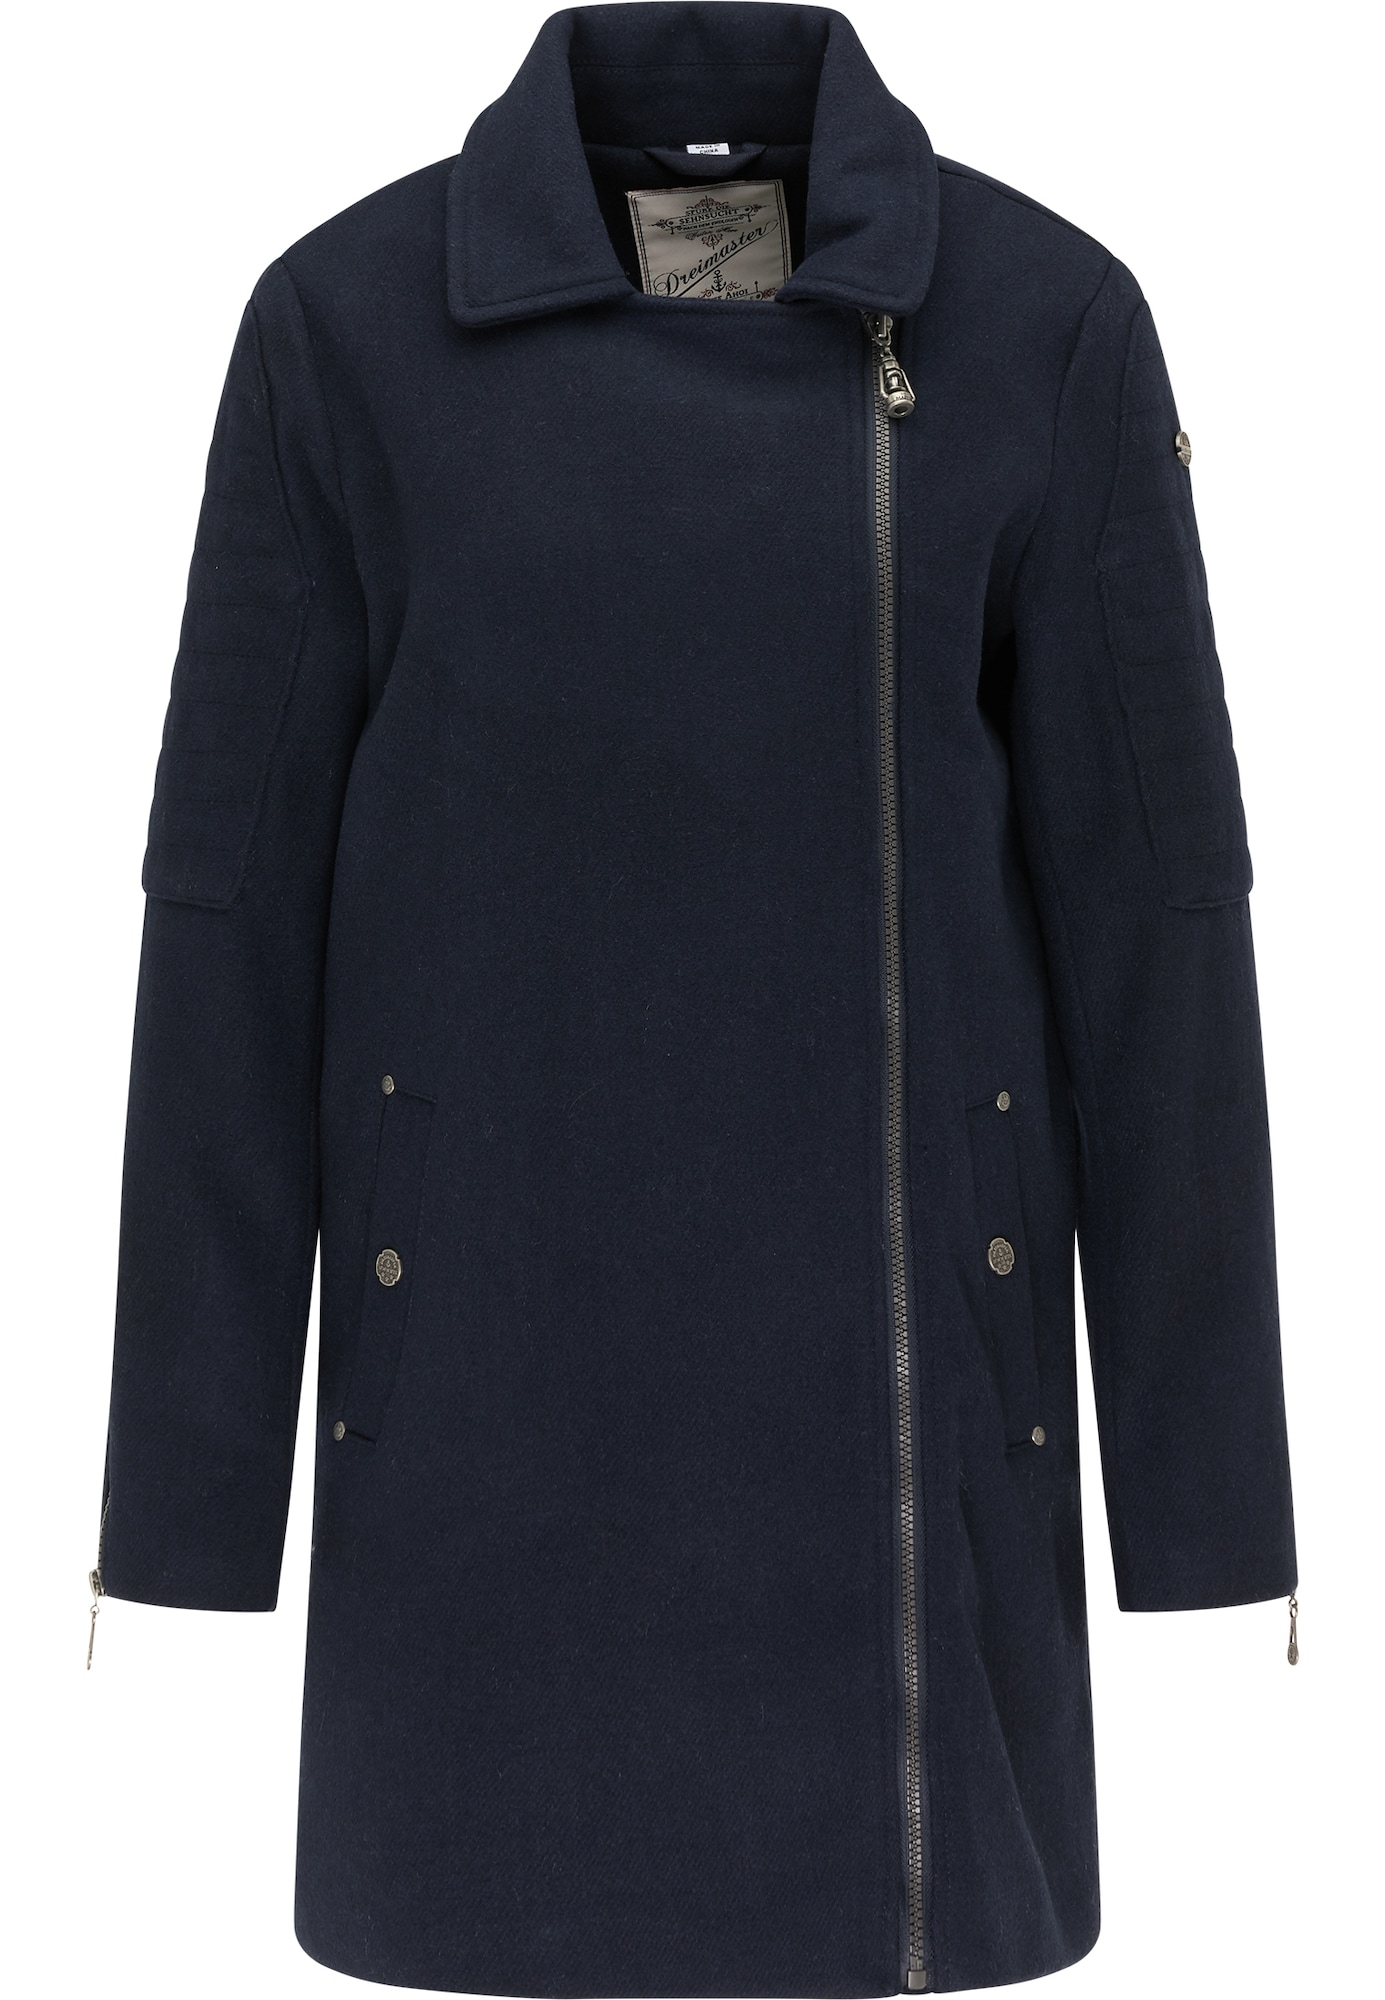 DreiMaster Vintage Demisezoninis paltas nakties mėlyna